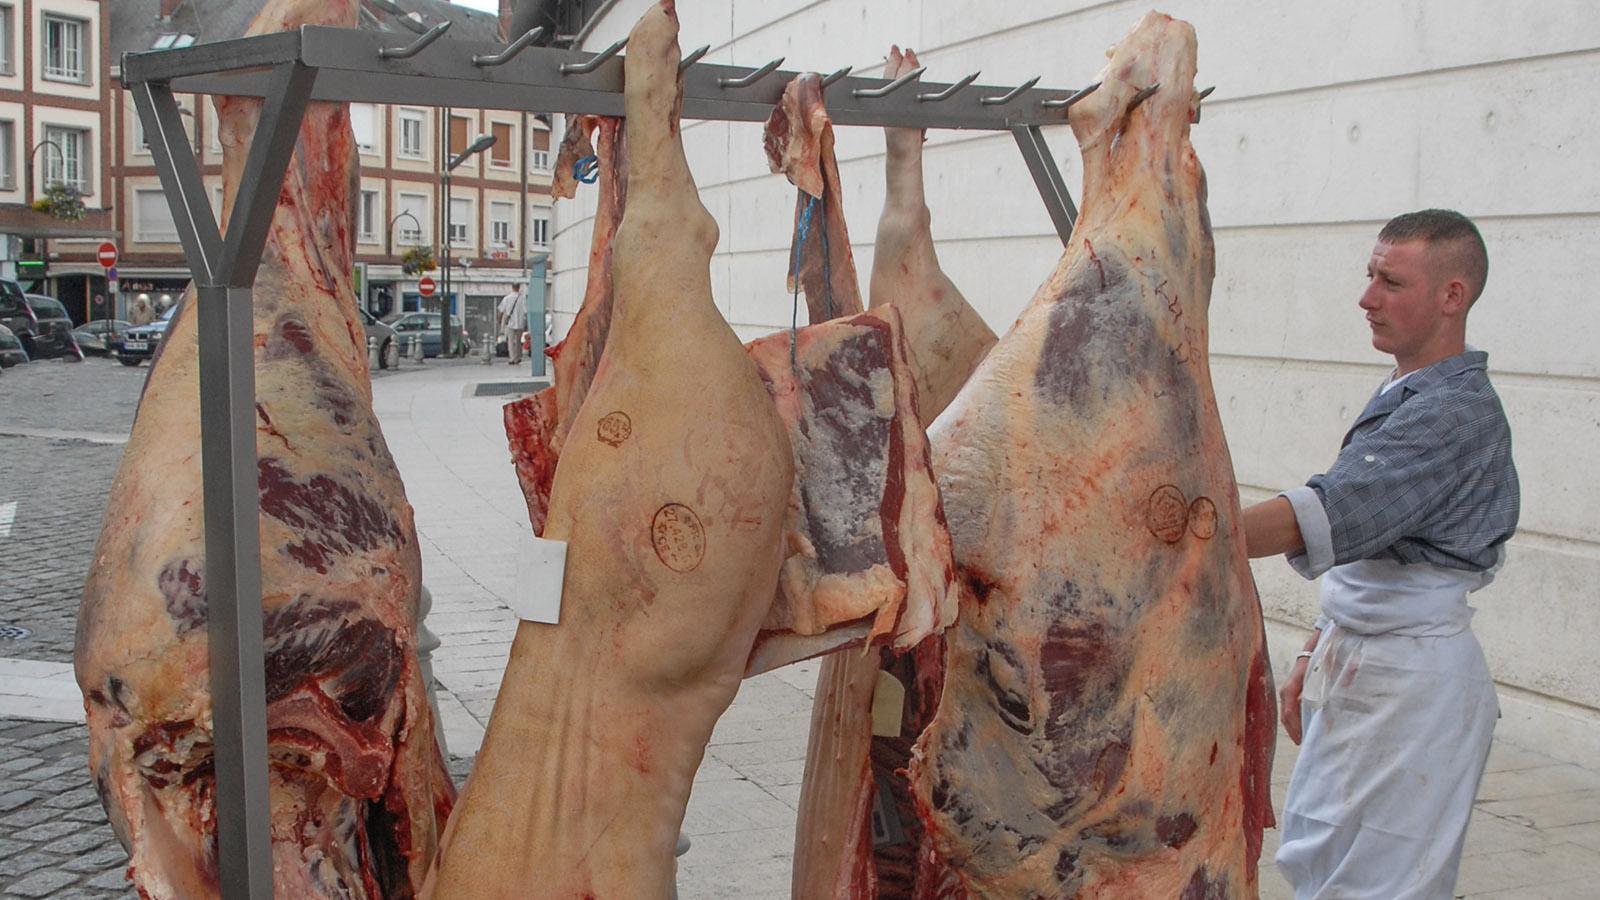 Vor der Markthalle von Amiens werden die Schweinehälften entladen. Foto: Hilke Maunder